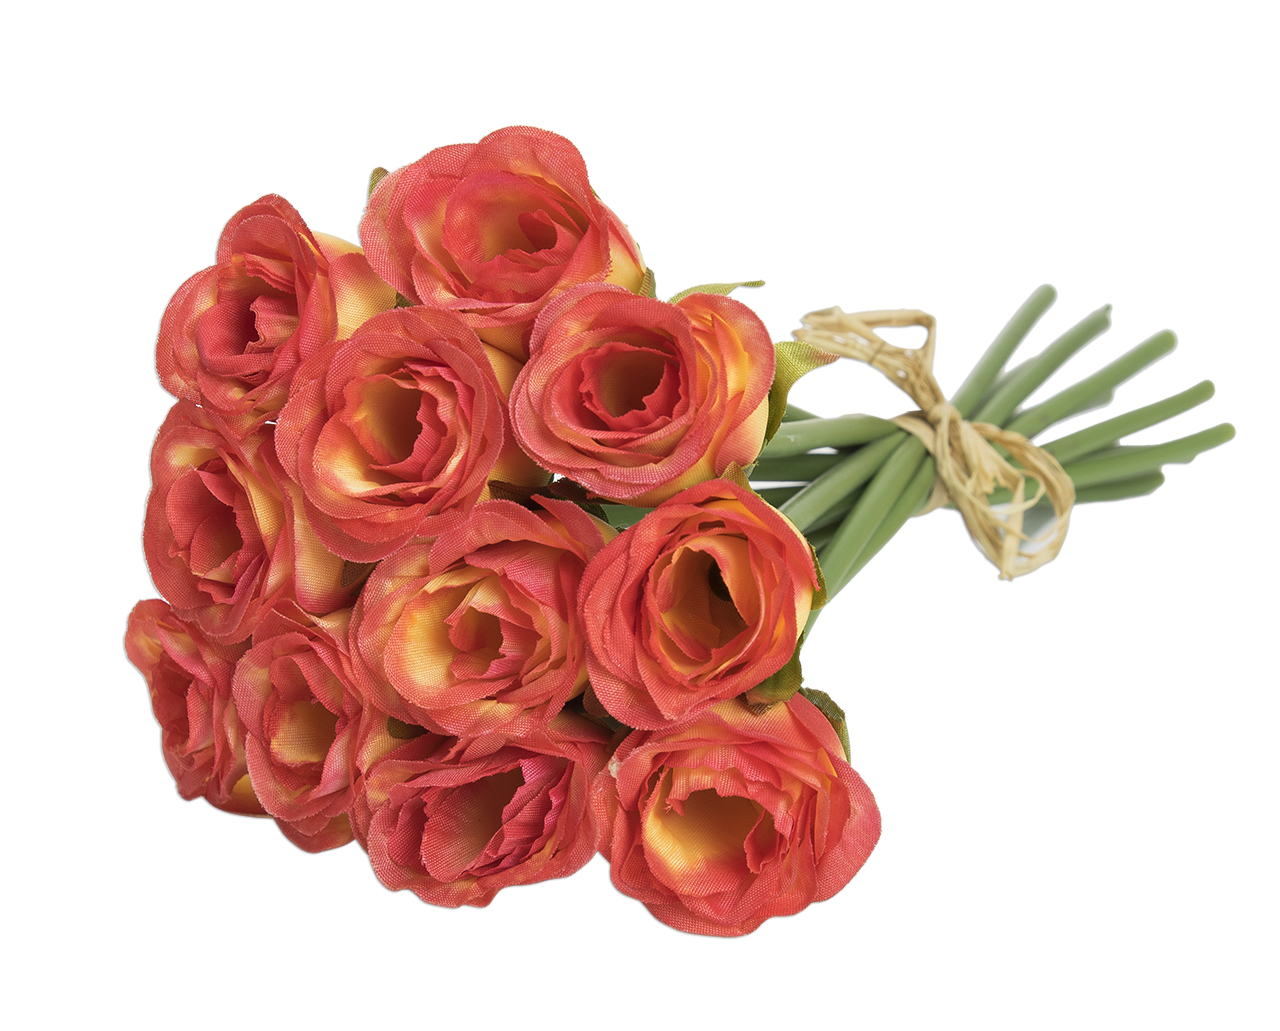 5e975ed2131297 RÓŻE CZERWONE BUKIET DUŻY sztuczne kwiaty PIĘKNY - 7257929622 ...